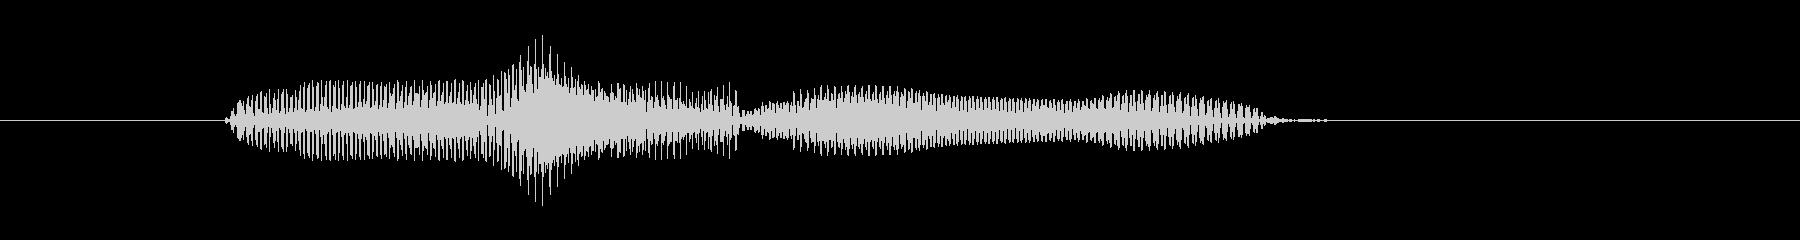 おわりにの未再生の波形